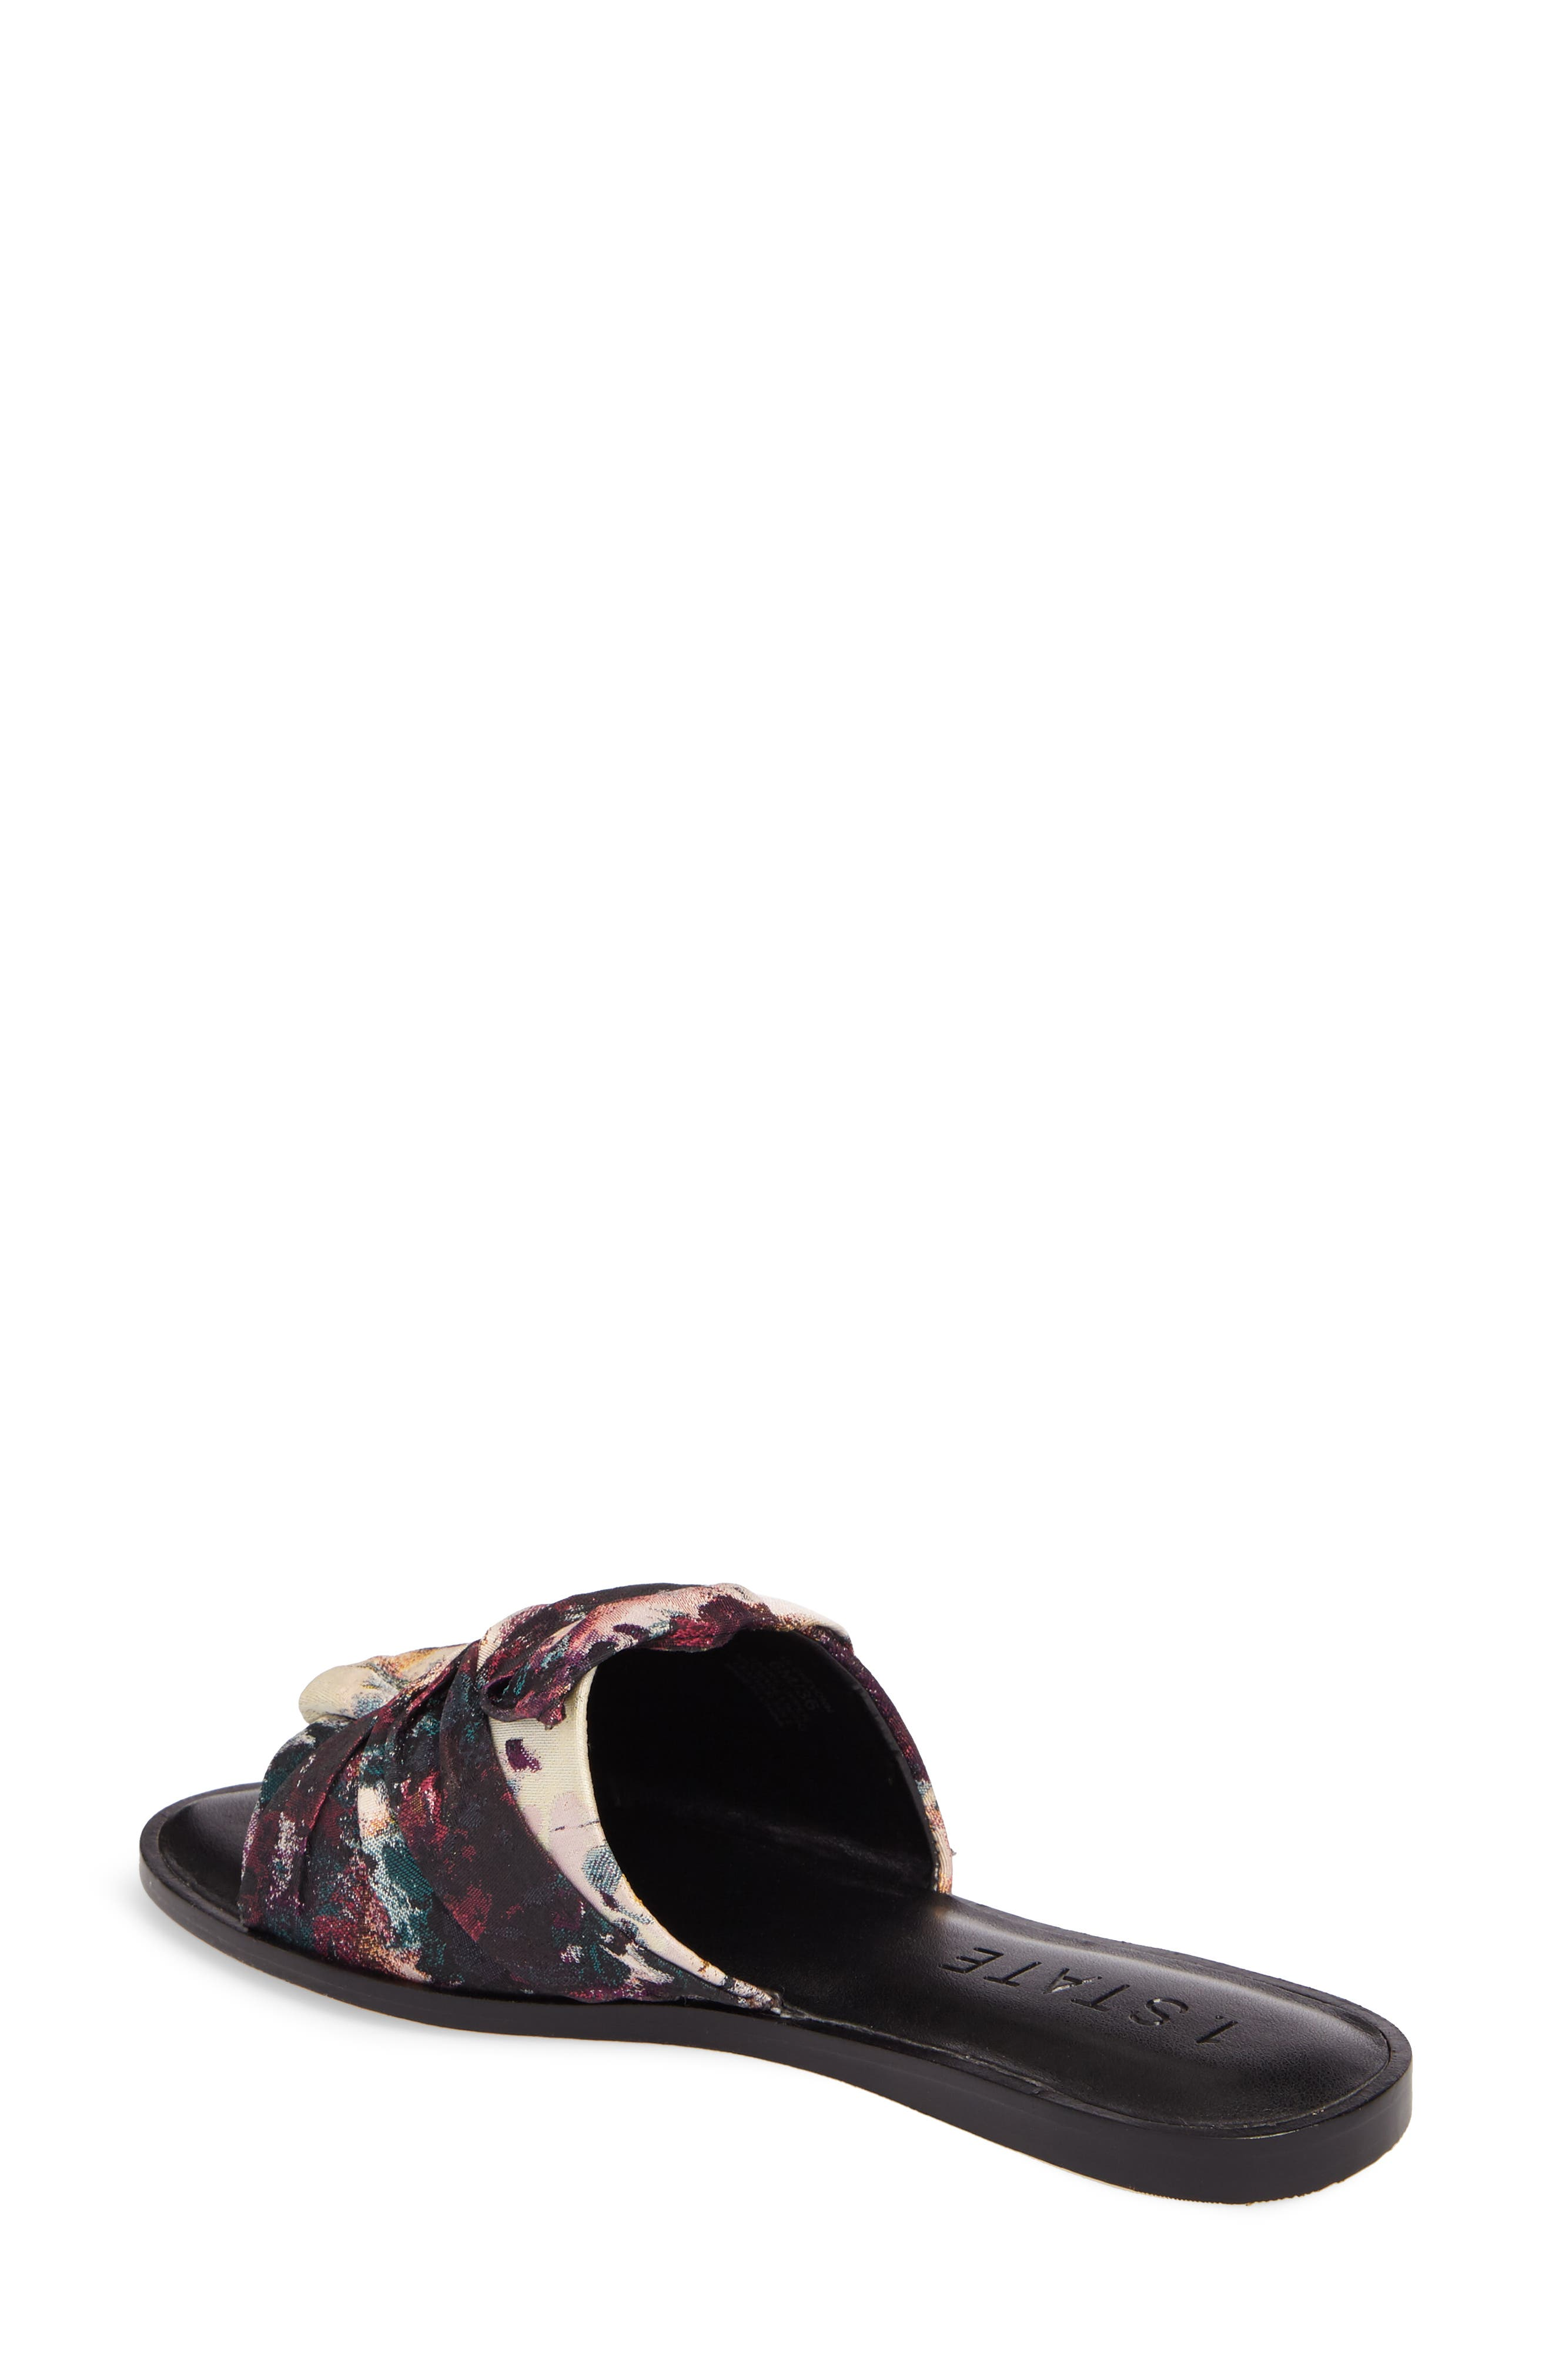 Chevonn Slide Sandal,                             Alternate thumbnail 2, color,                             Floral Print